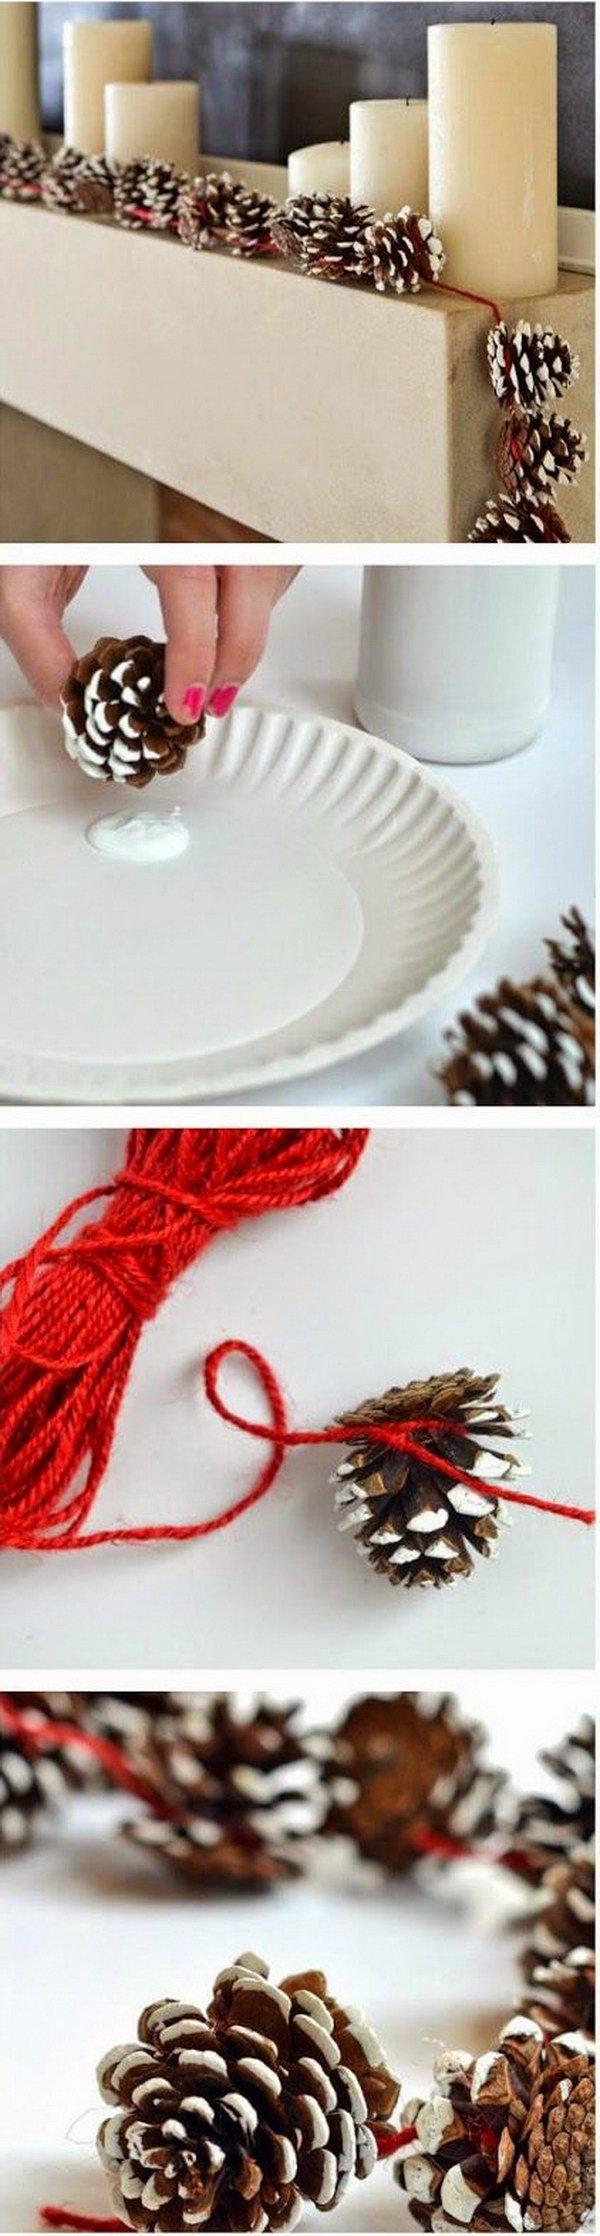 30-pine-cone-ideas